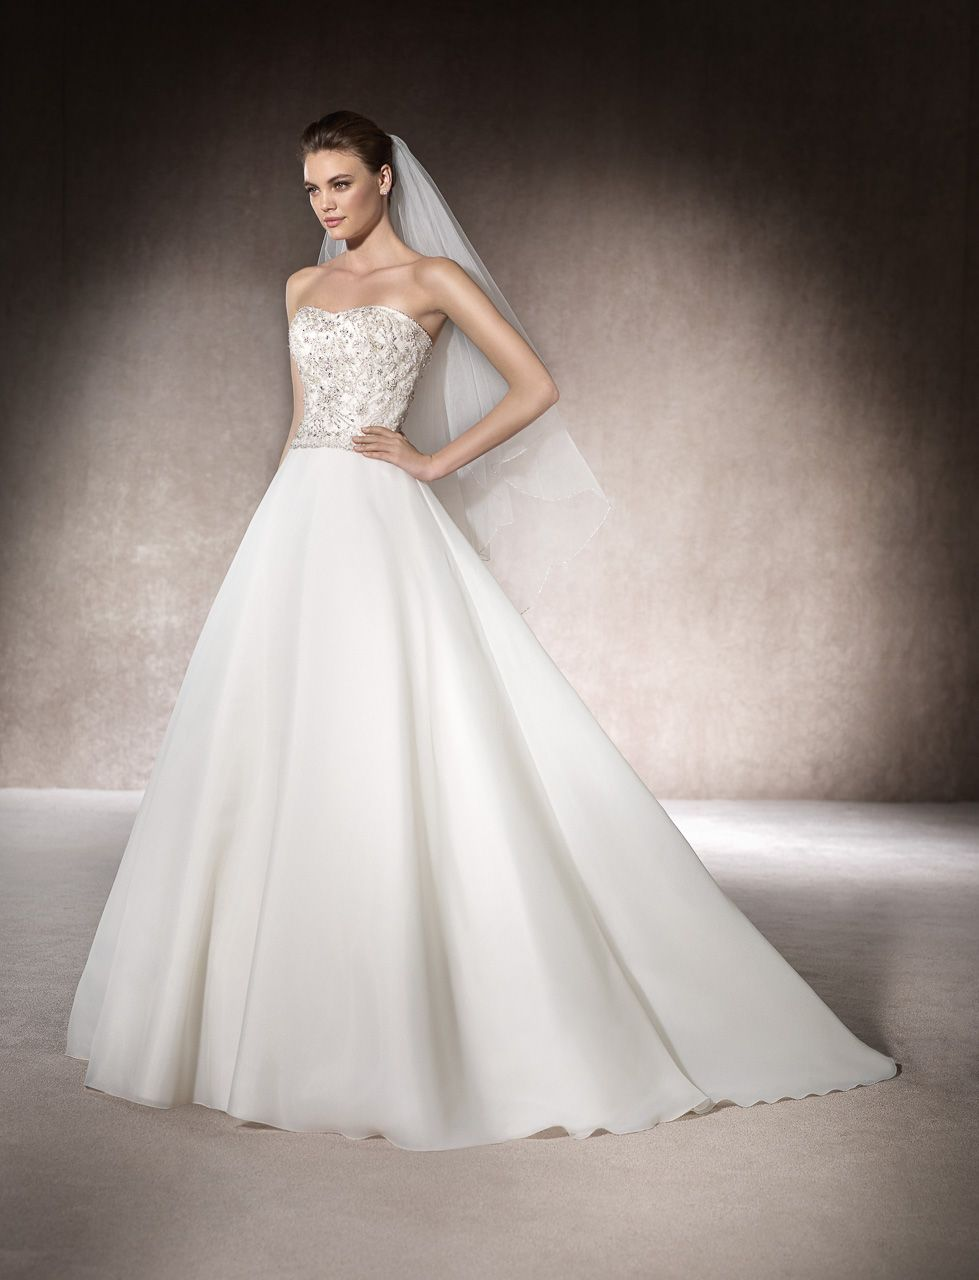 Termin anfragen (Brautmode  Kleid hochzeit, Brautkleid prinzessin